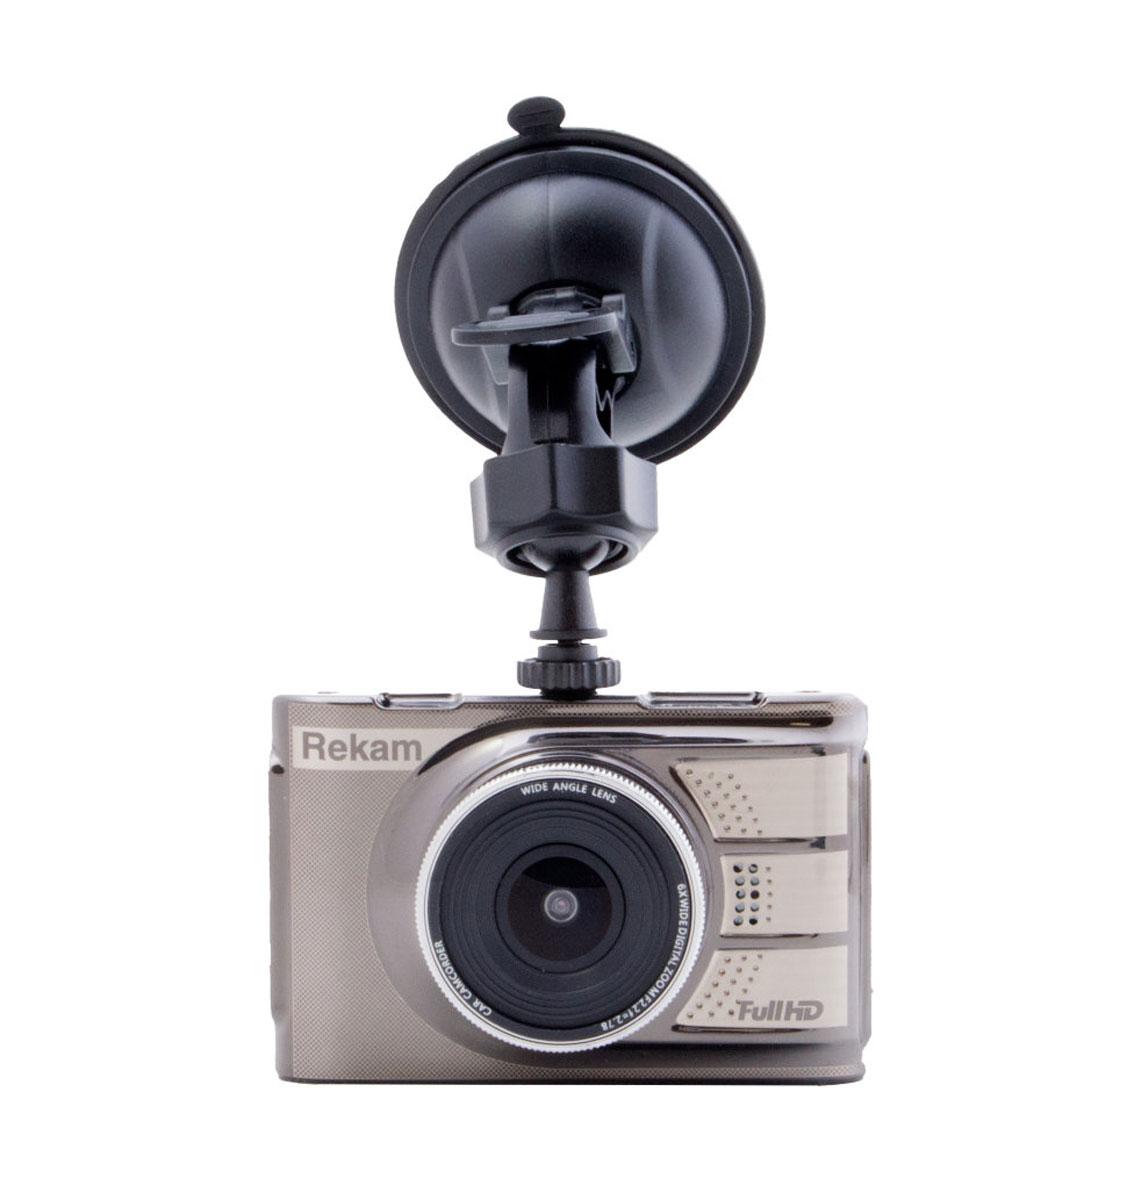 Rekam F200 видеорегистратор rekam f220 black автомобильный видеорегистратор